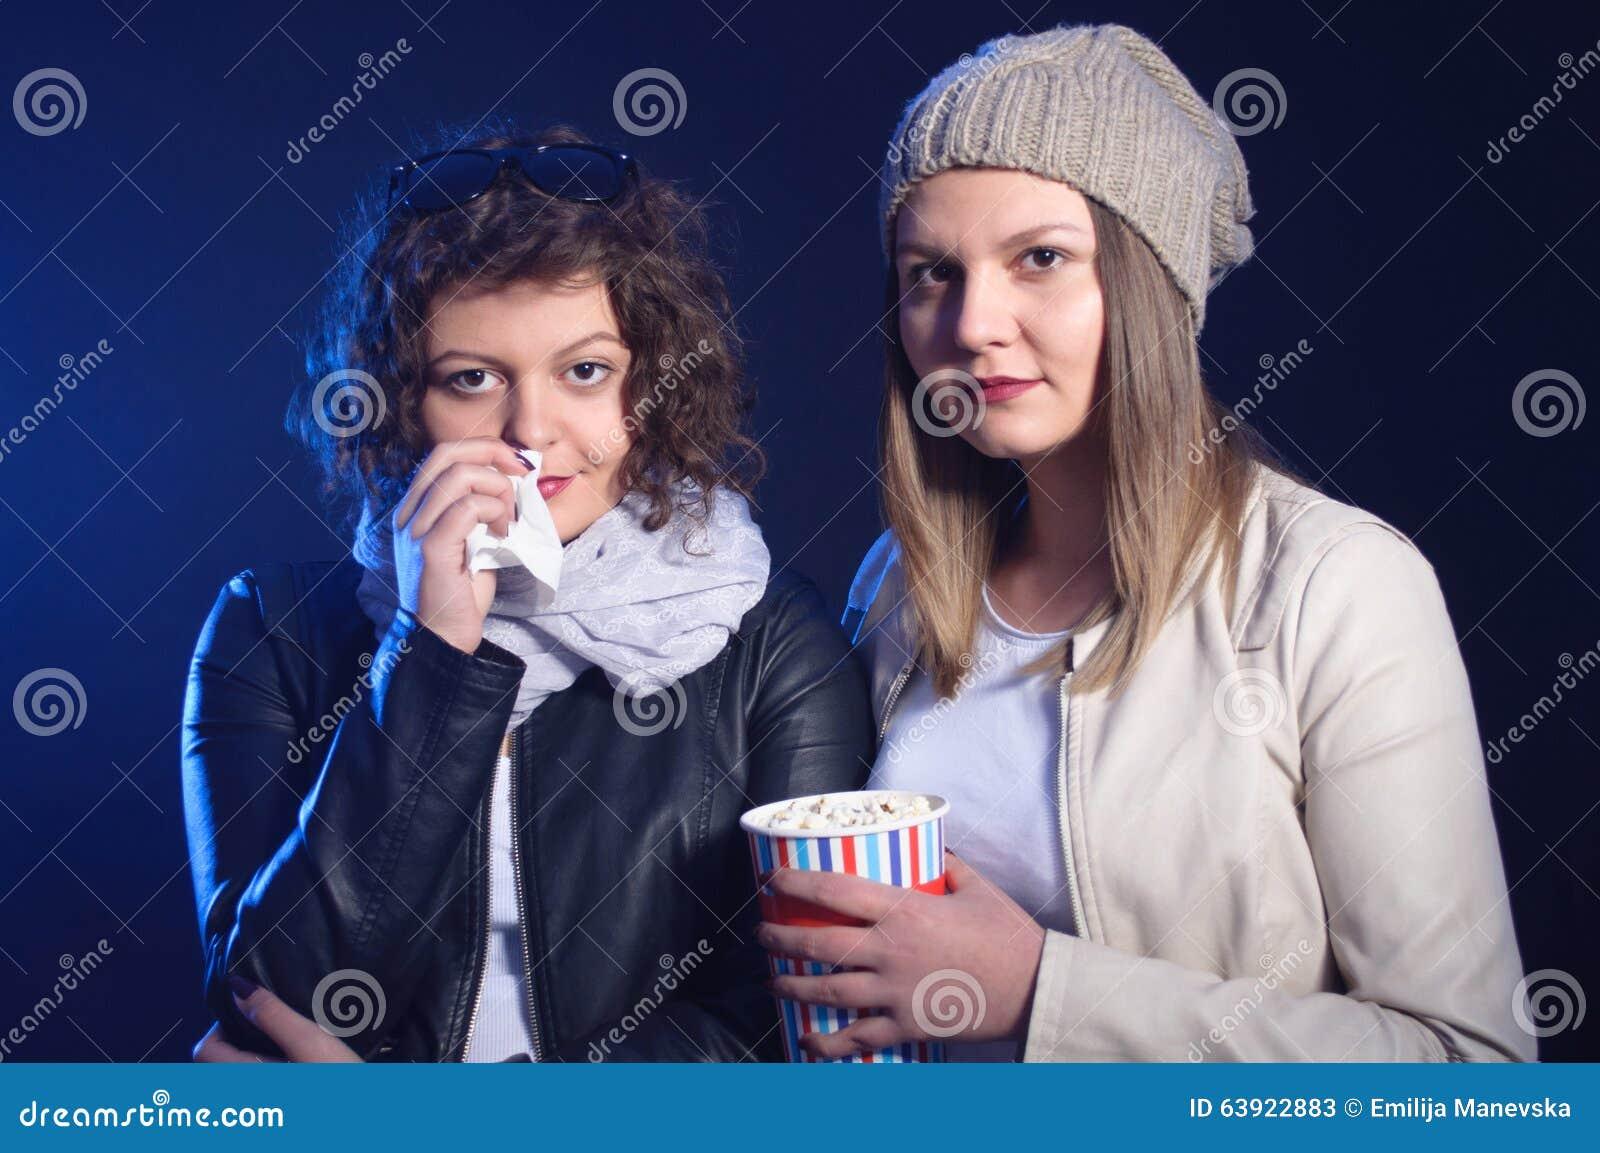 Девушки из кино